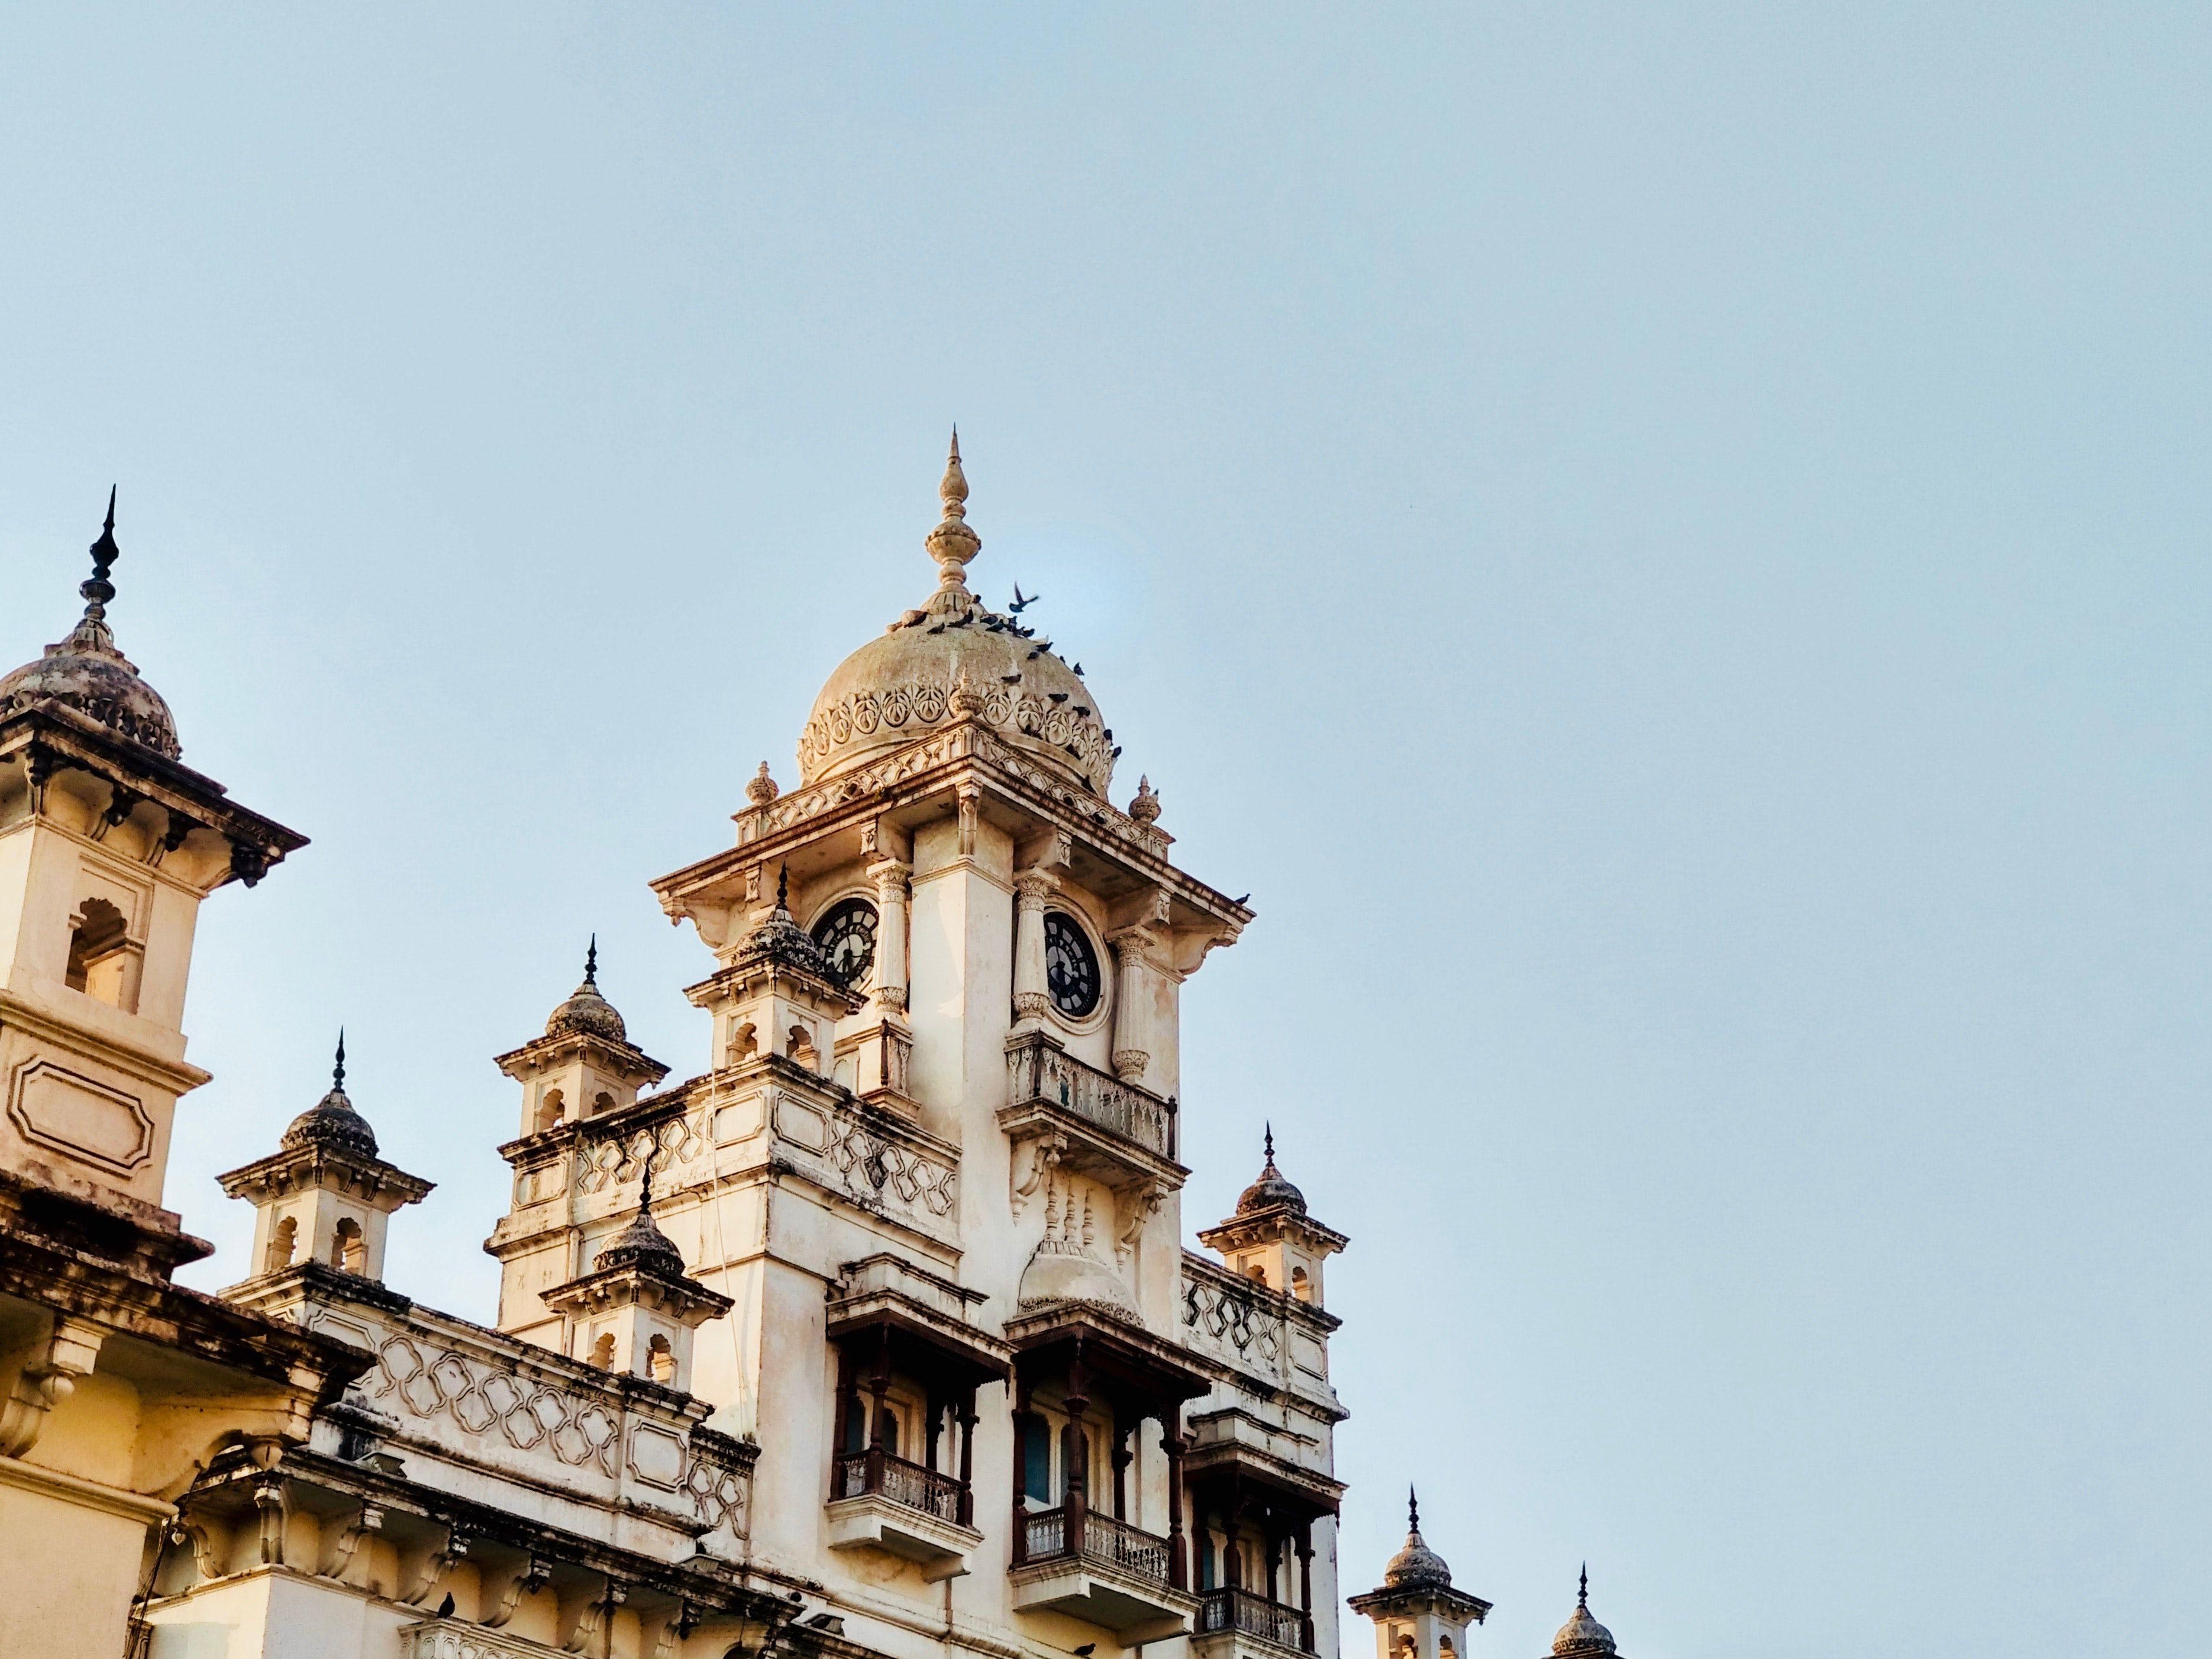 Clock Tower at ChowMahalla Palace, Hyderabad, India